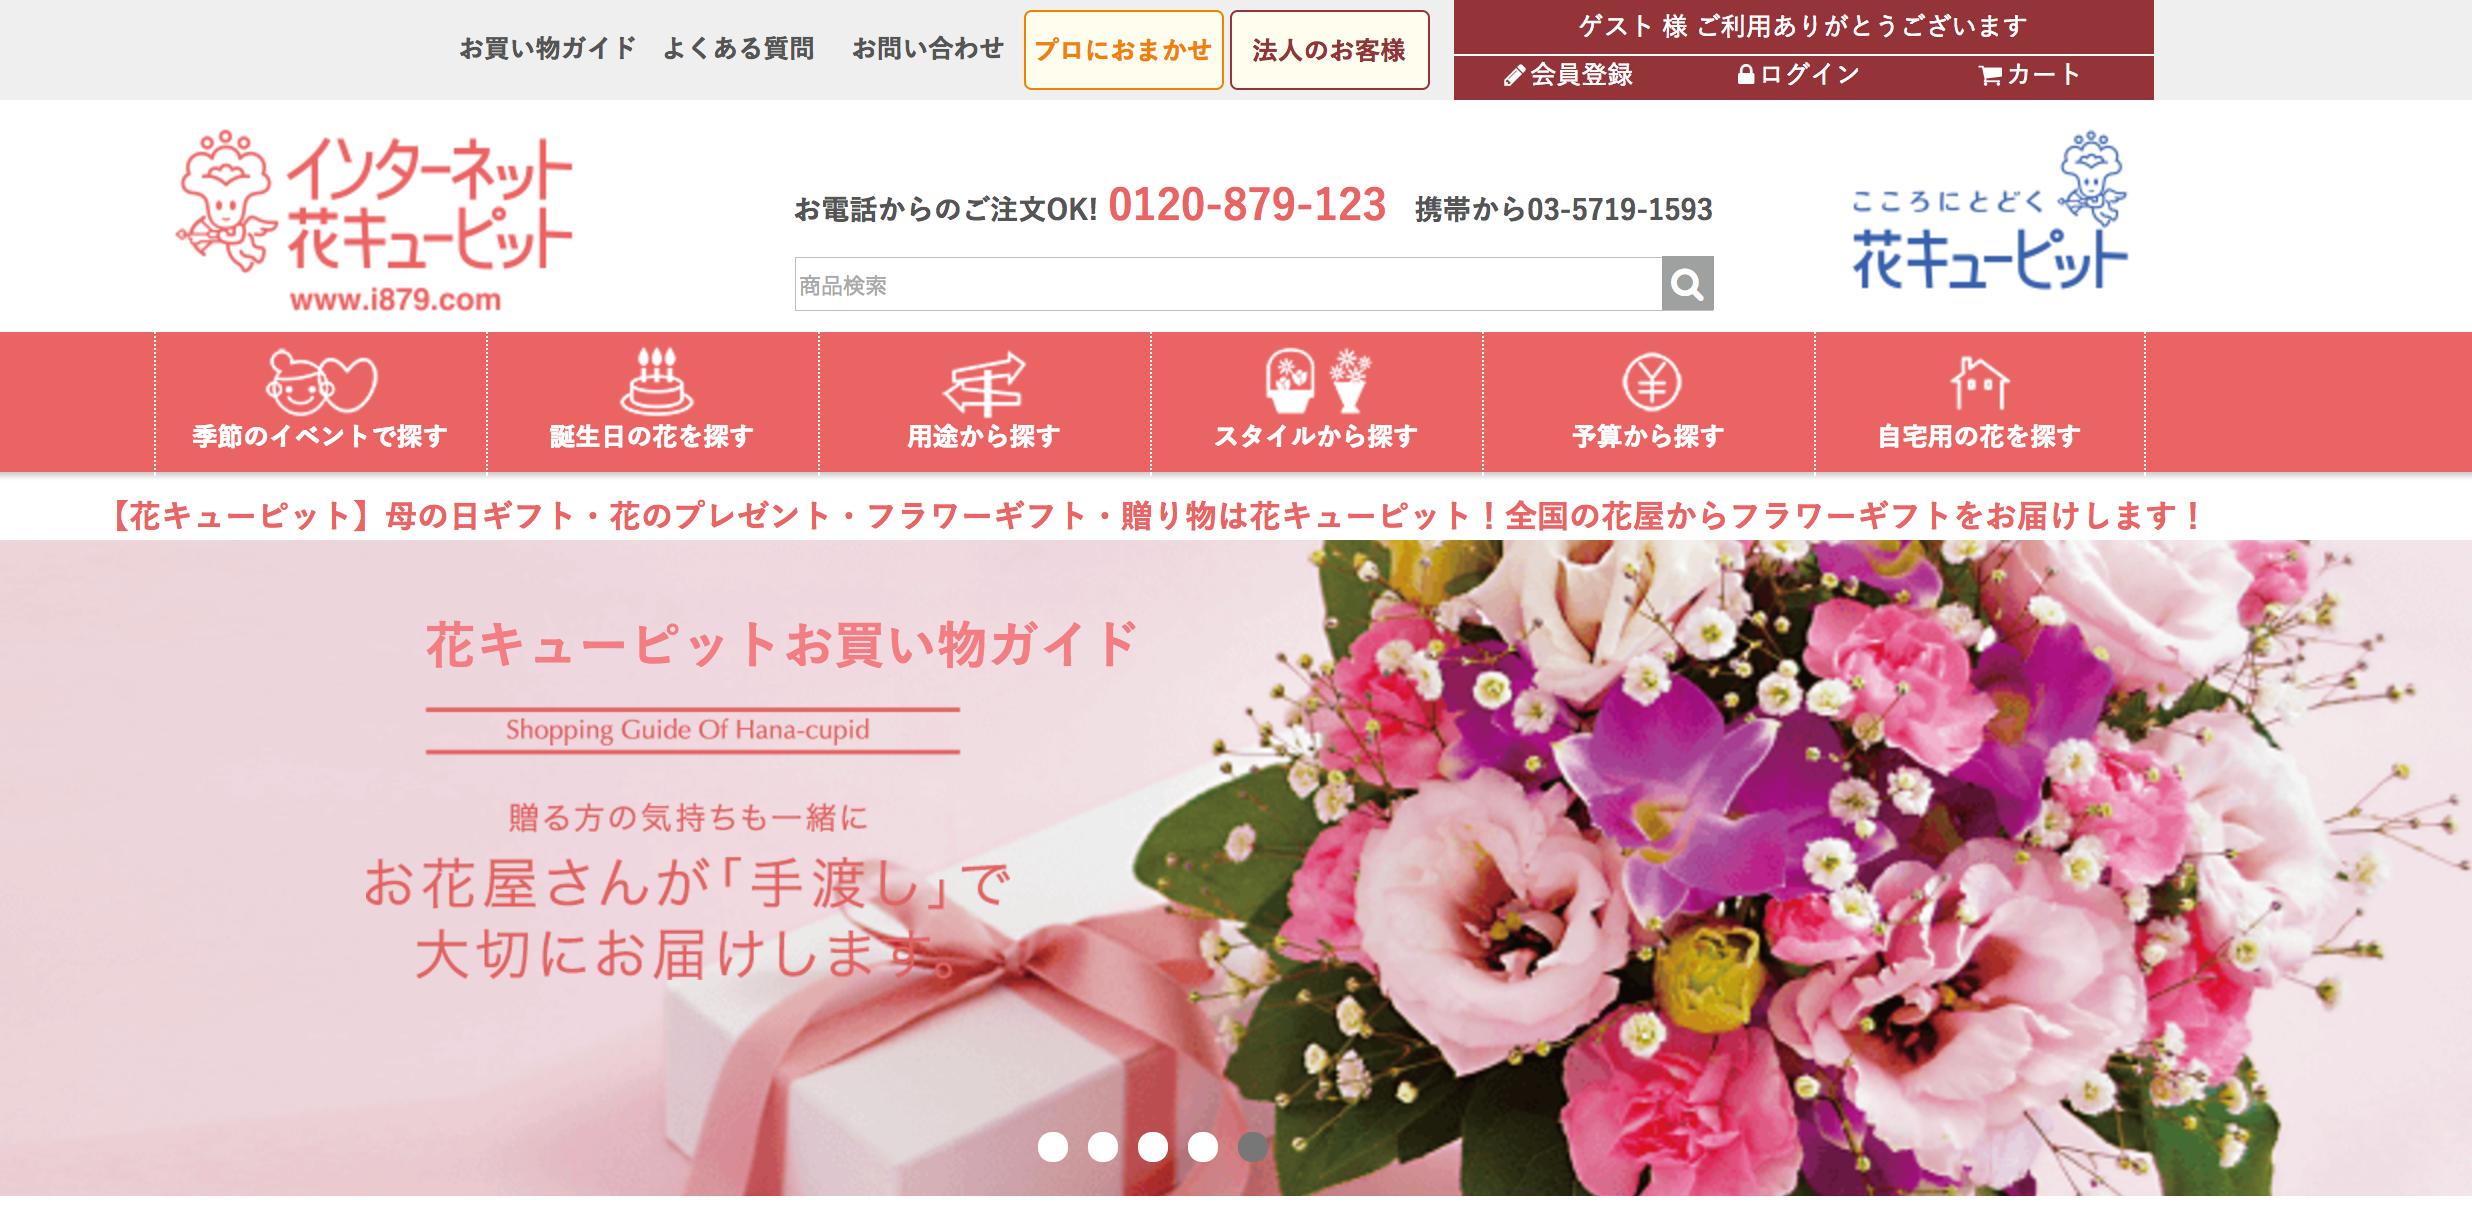 花キューピット フラワーギフト 誕生日 母の日 お祝い事 花 贈る プレゼント